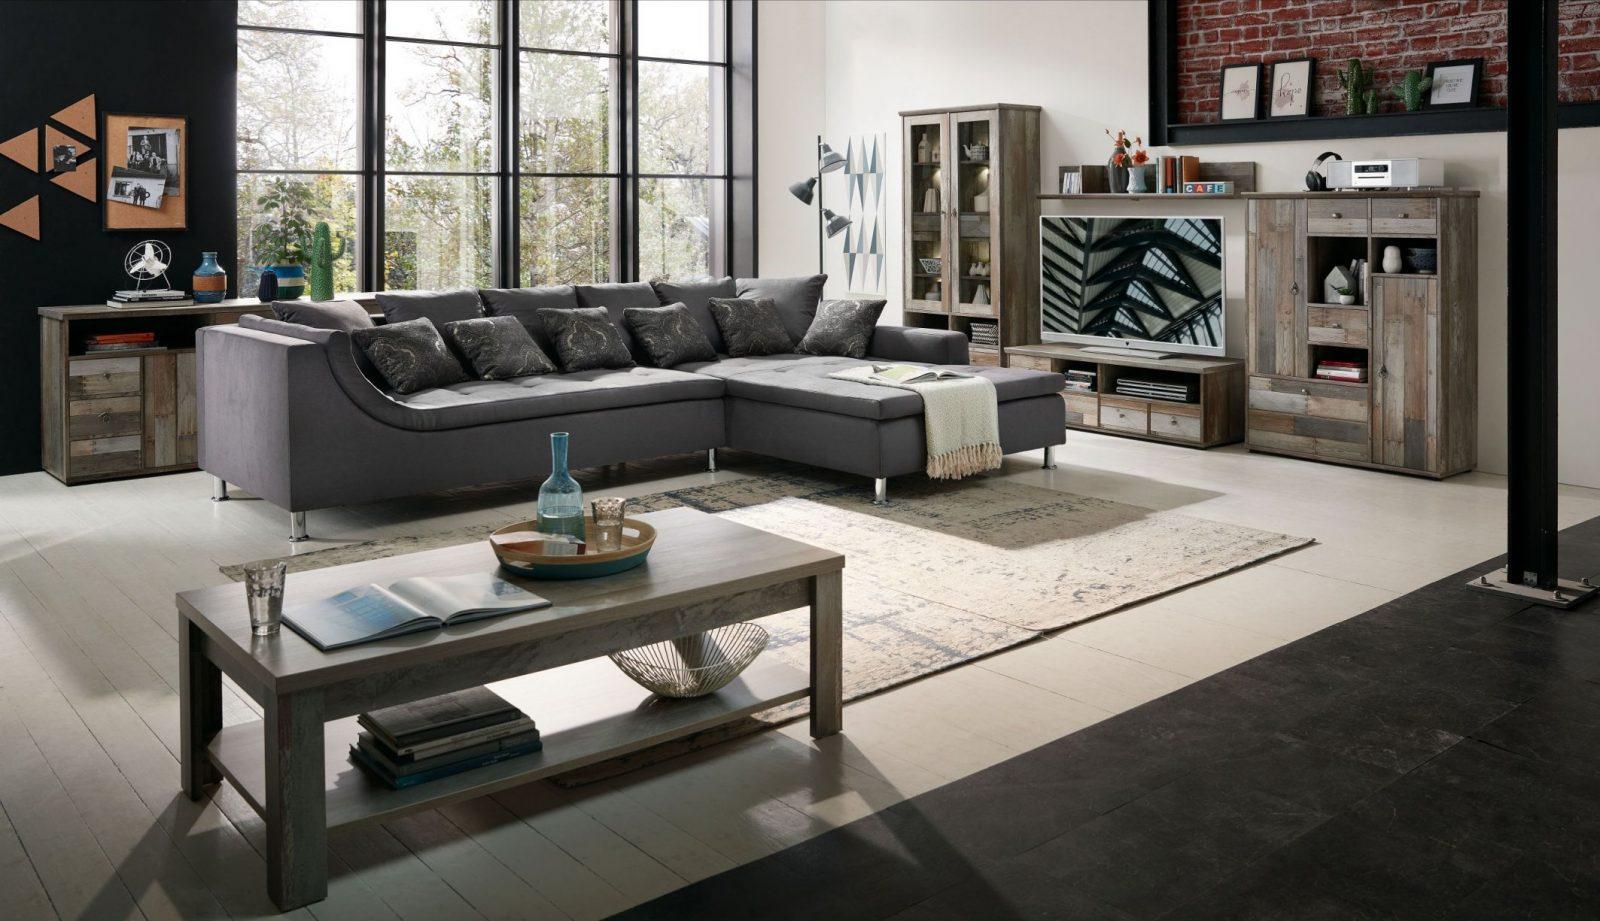 Wohnen  Möbel Für Ihr Zuhause  Möbel As von Möbel As Buchen Angebote Bild